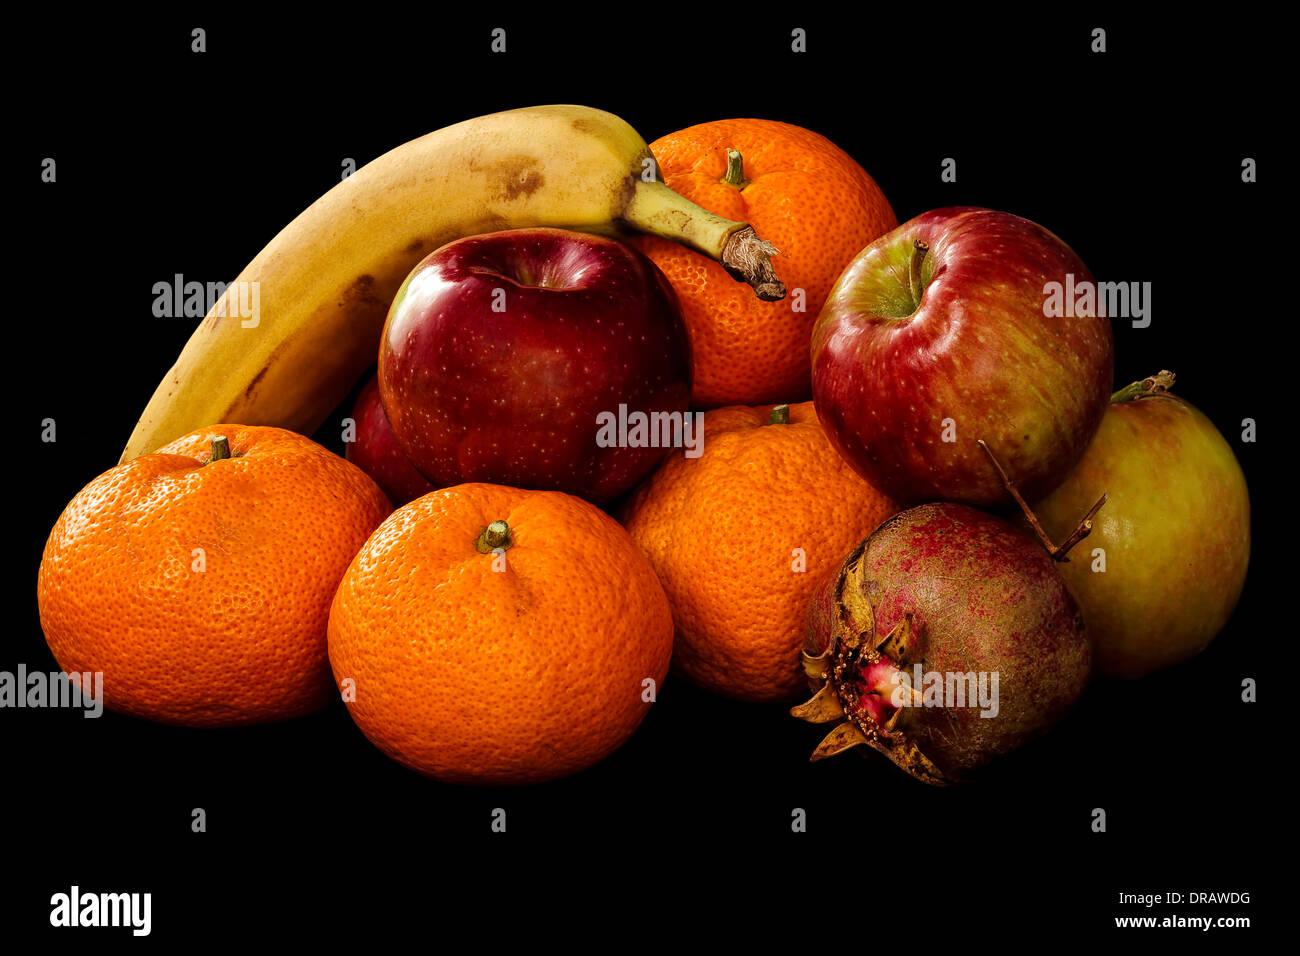 Mound of Fresh Fruit. Apples, Oranges, Banana, Pomegranate on a black background. - Stock Image